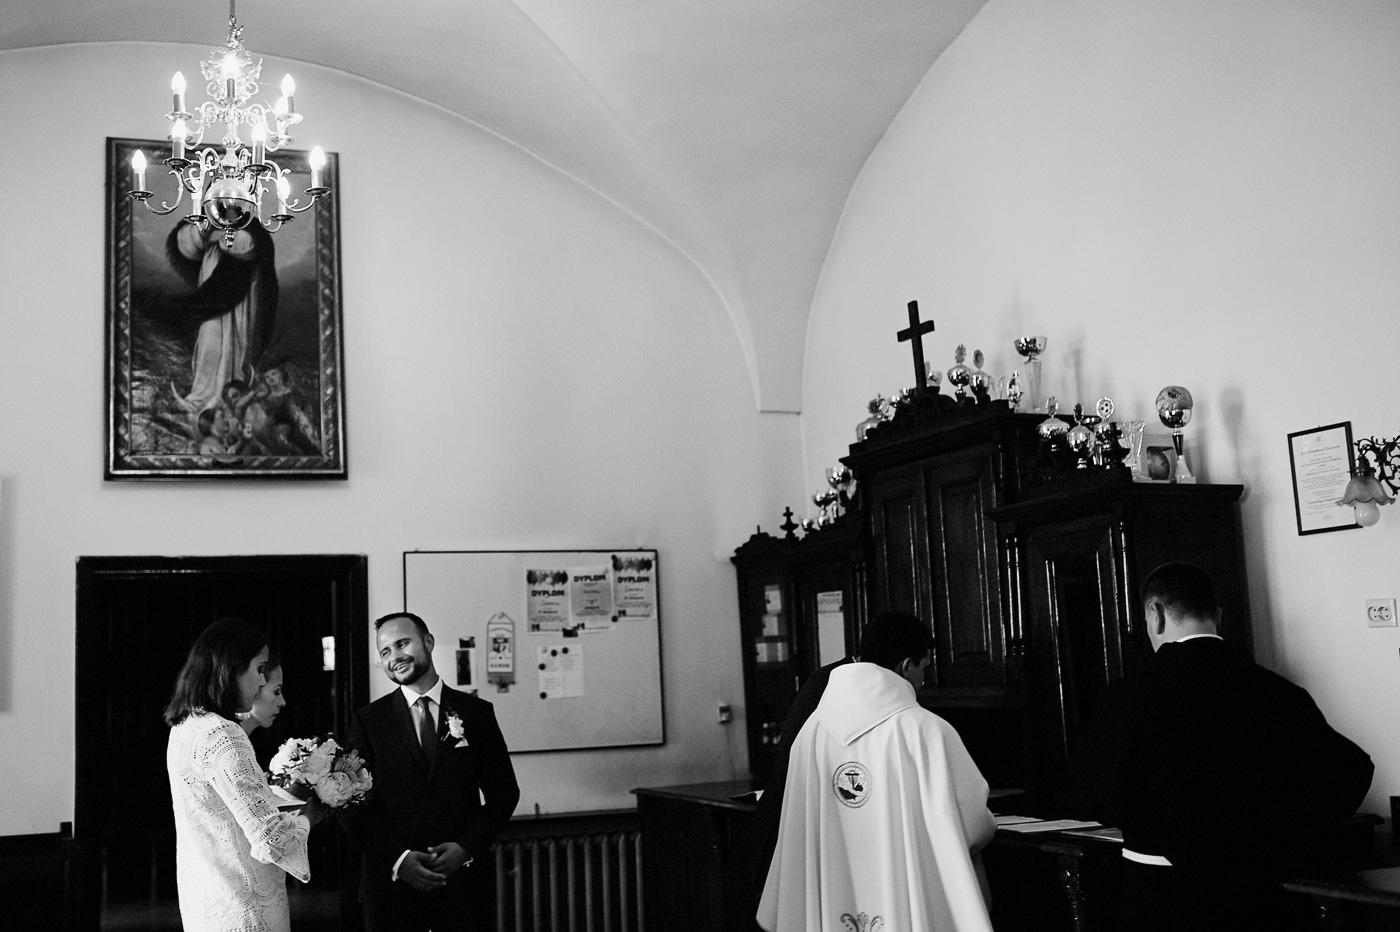 slub-sanok-fotograf sanok-krzysiekduda-069